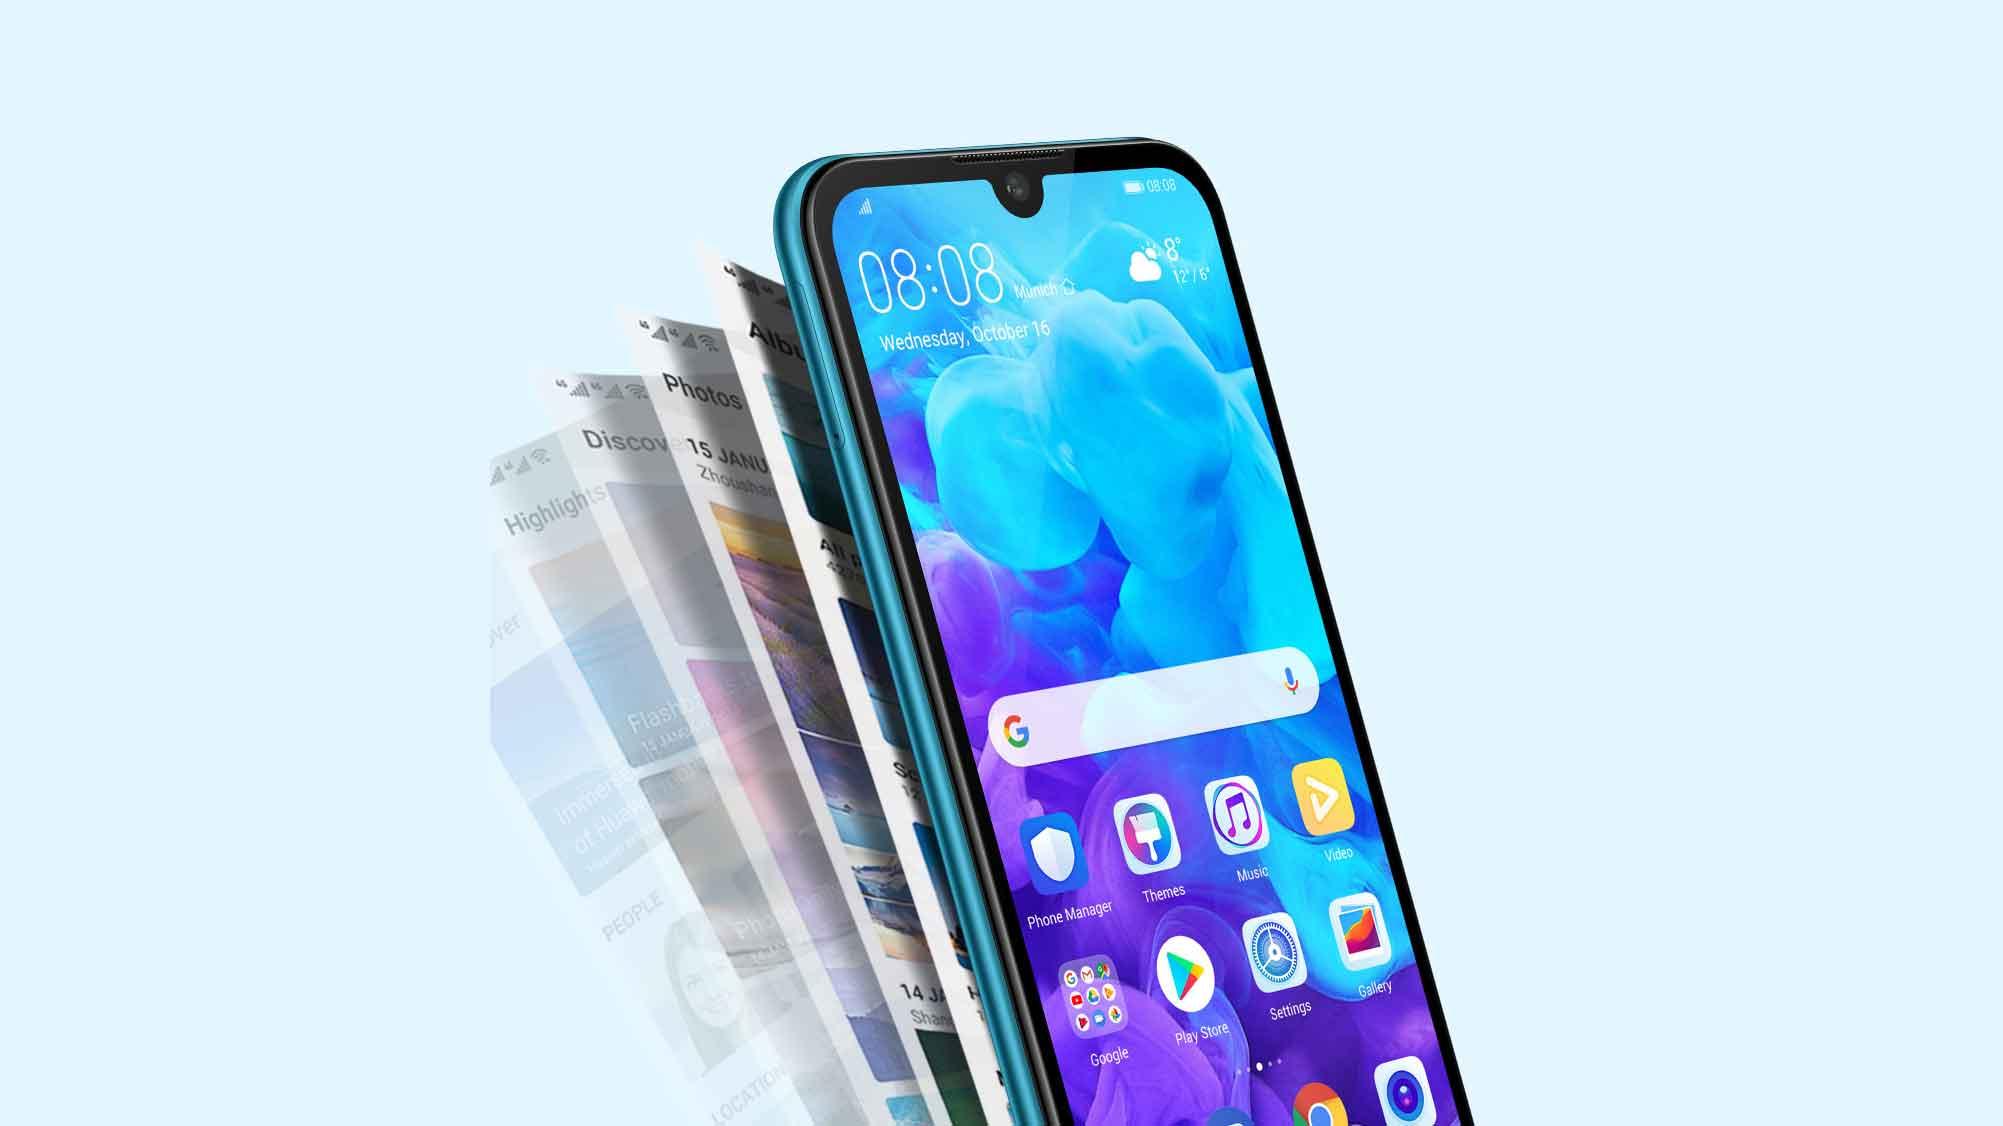 گوشی هواوی Y5 2019 با چیپست مدیاتک Helio A22 رسما معرفی شد